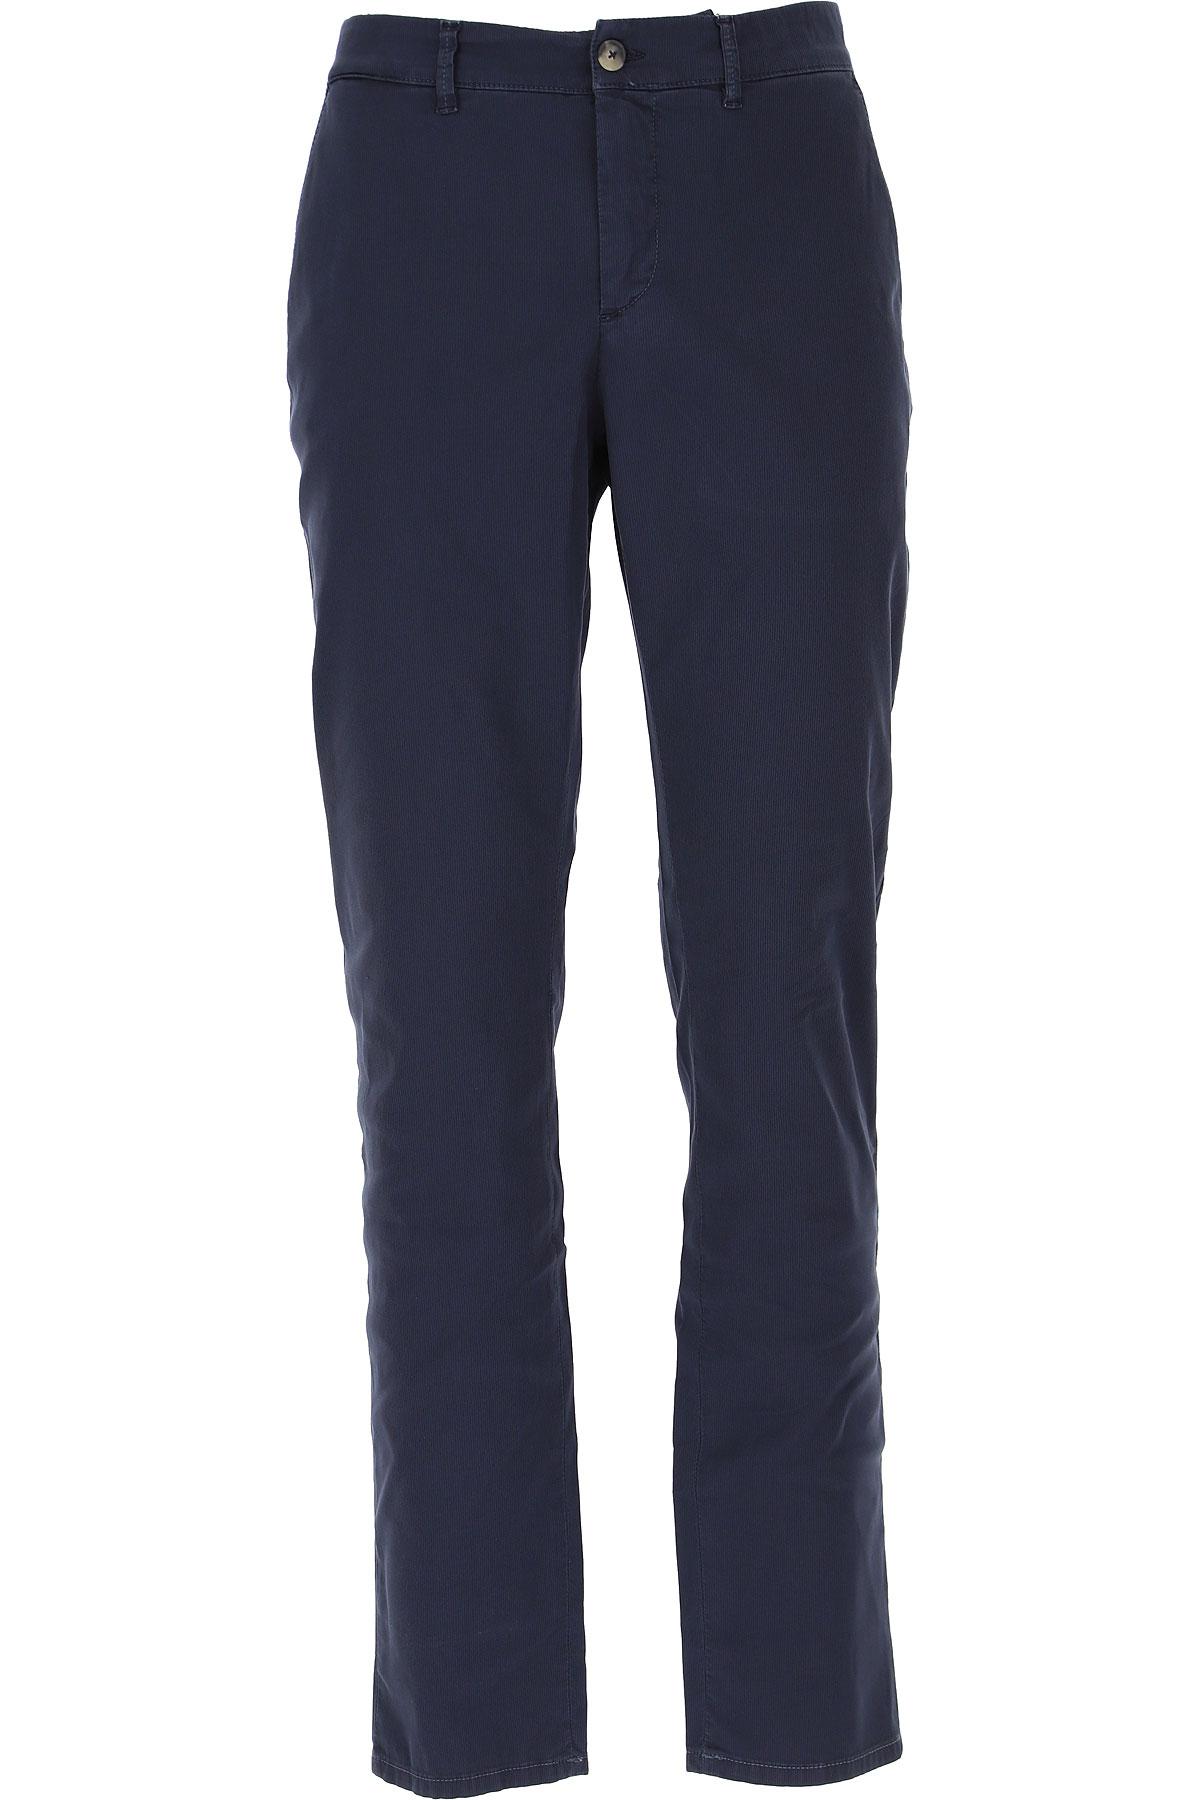 Jeckerson Pants for Men On Sale, Blue, Cotton, 2019, 29 30 31 32 35 36 38 40